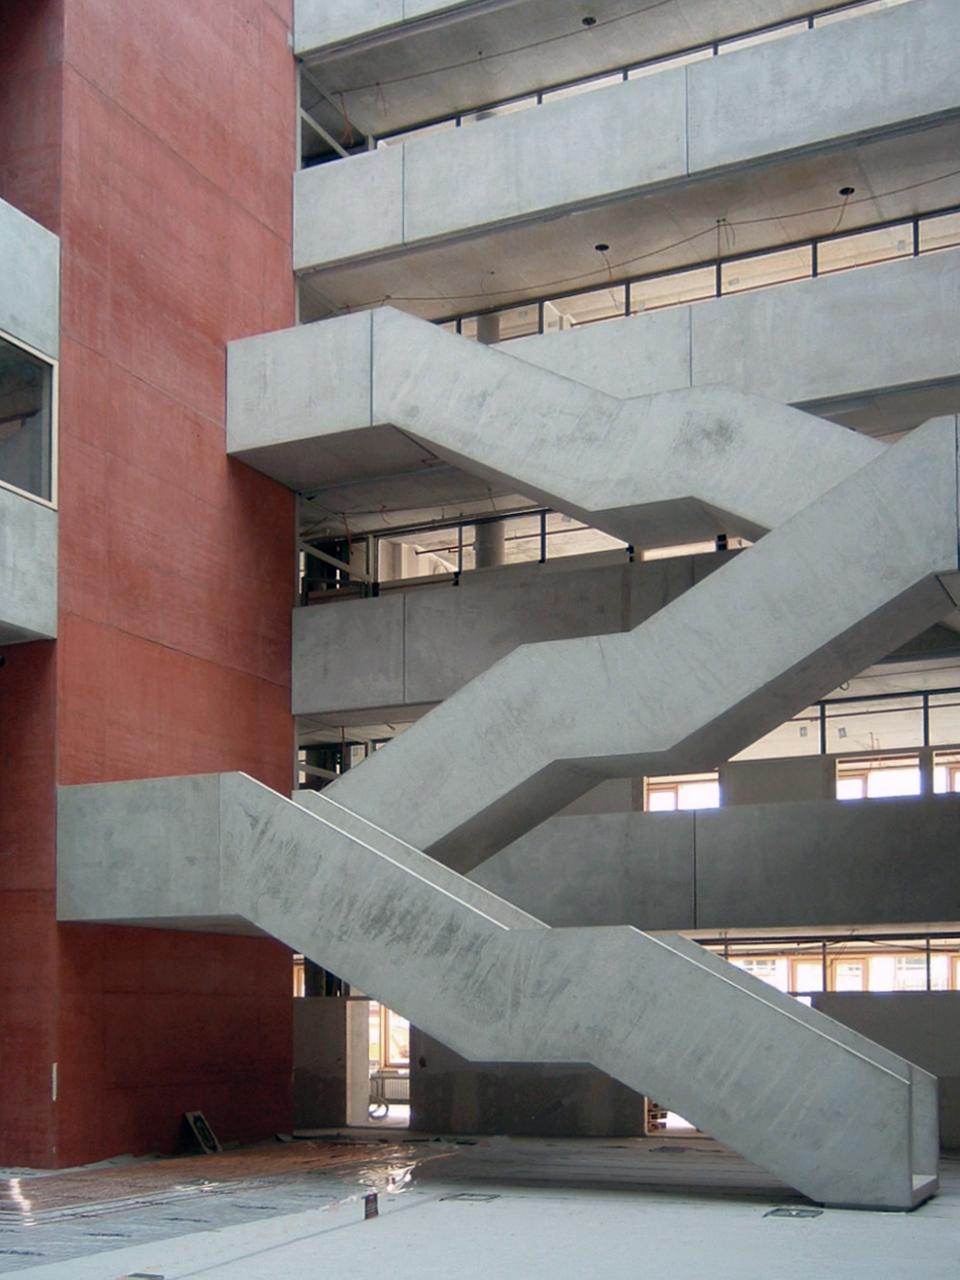 Campusbebauung FH Frankfurt